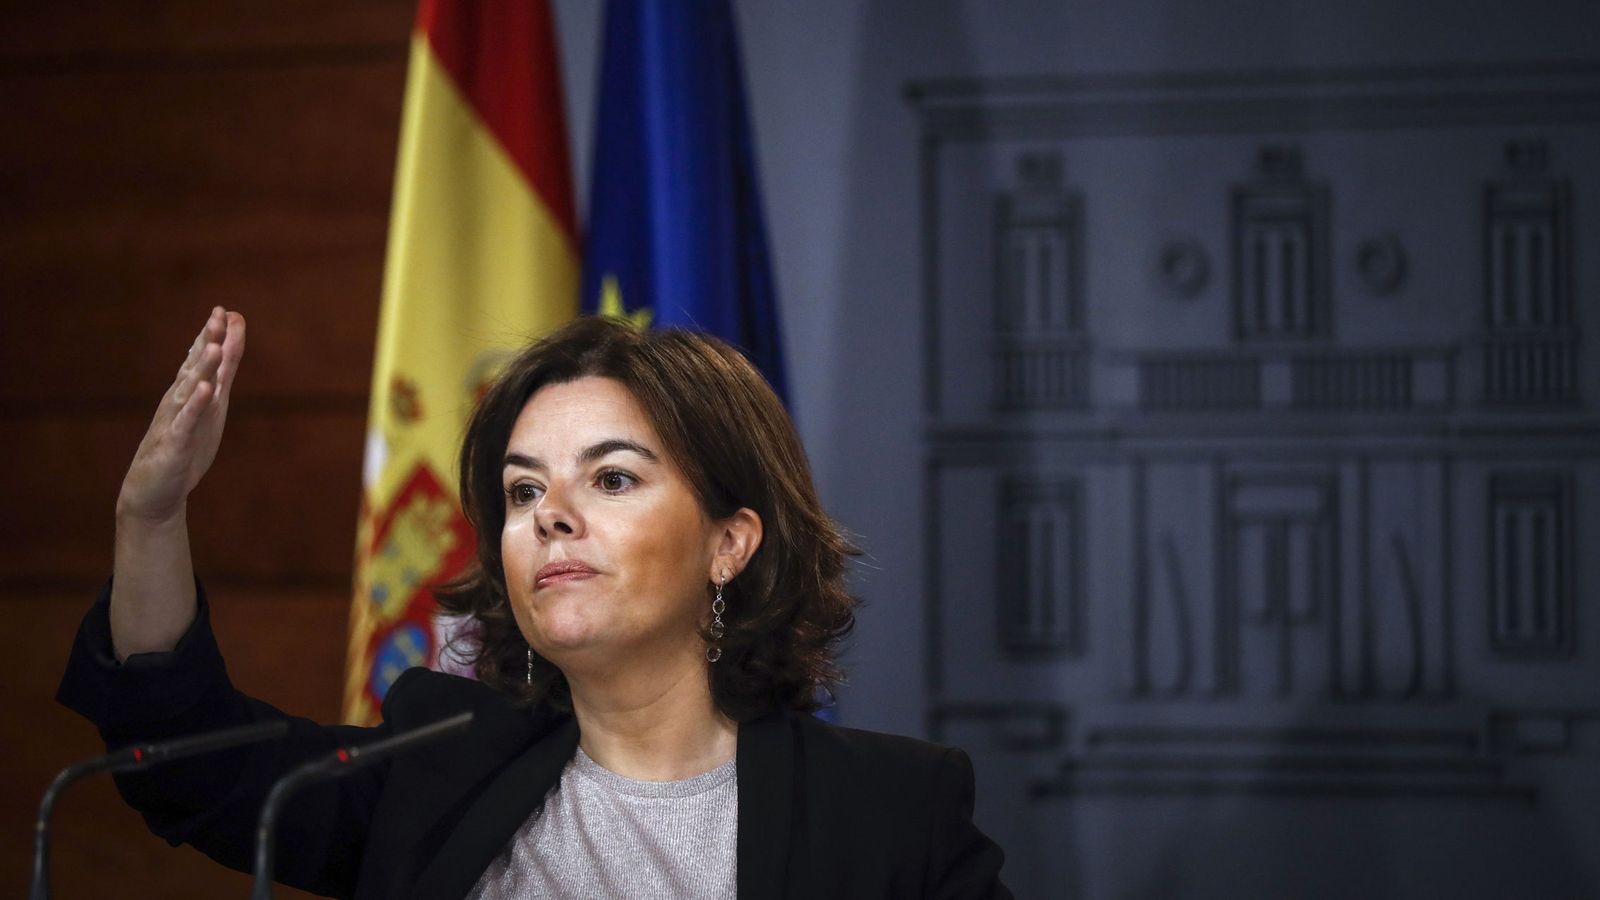 Foto: La vicepresidenta del Gobierno, Soraya Sáenz de Santamaría, durante su comparecencia. (EFE)